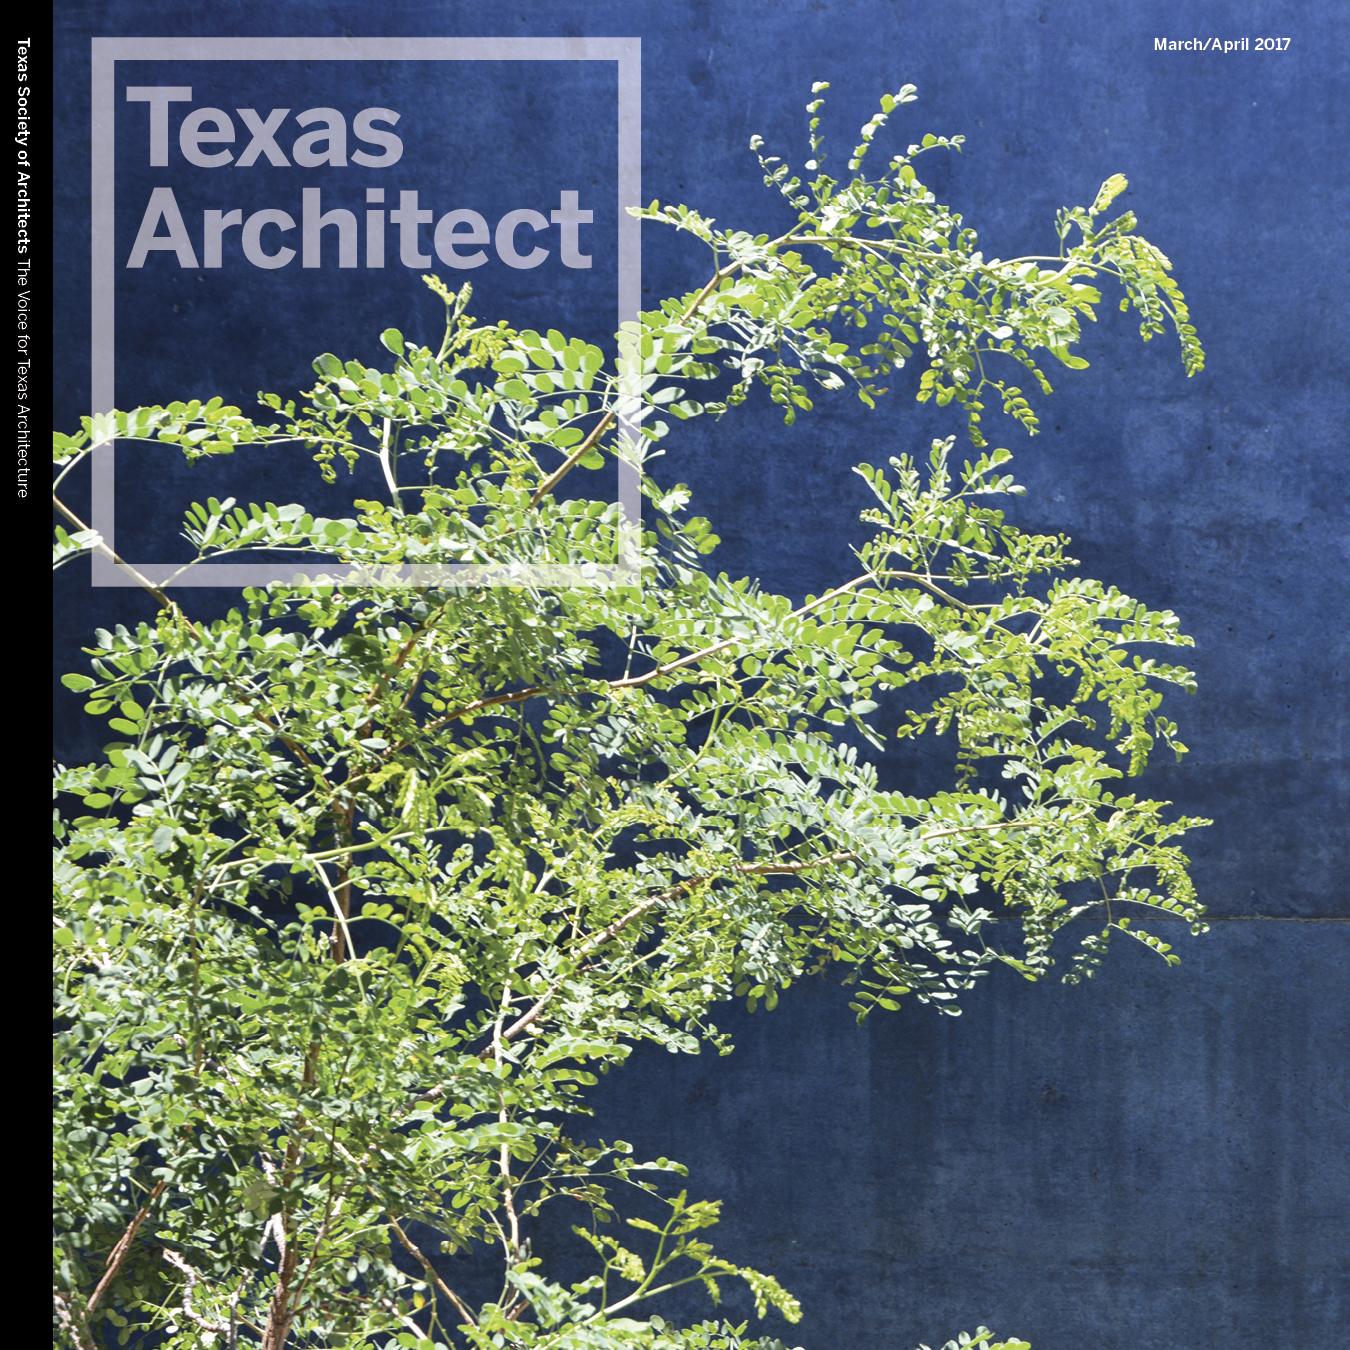 2017-03_Texas Architect_coversquare.jpg